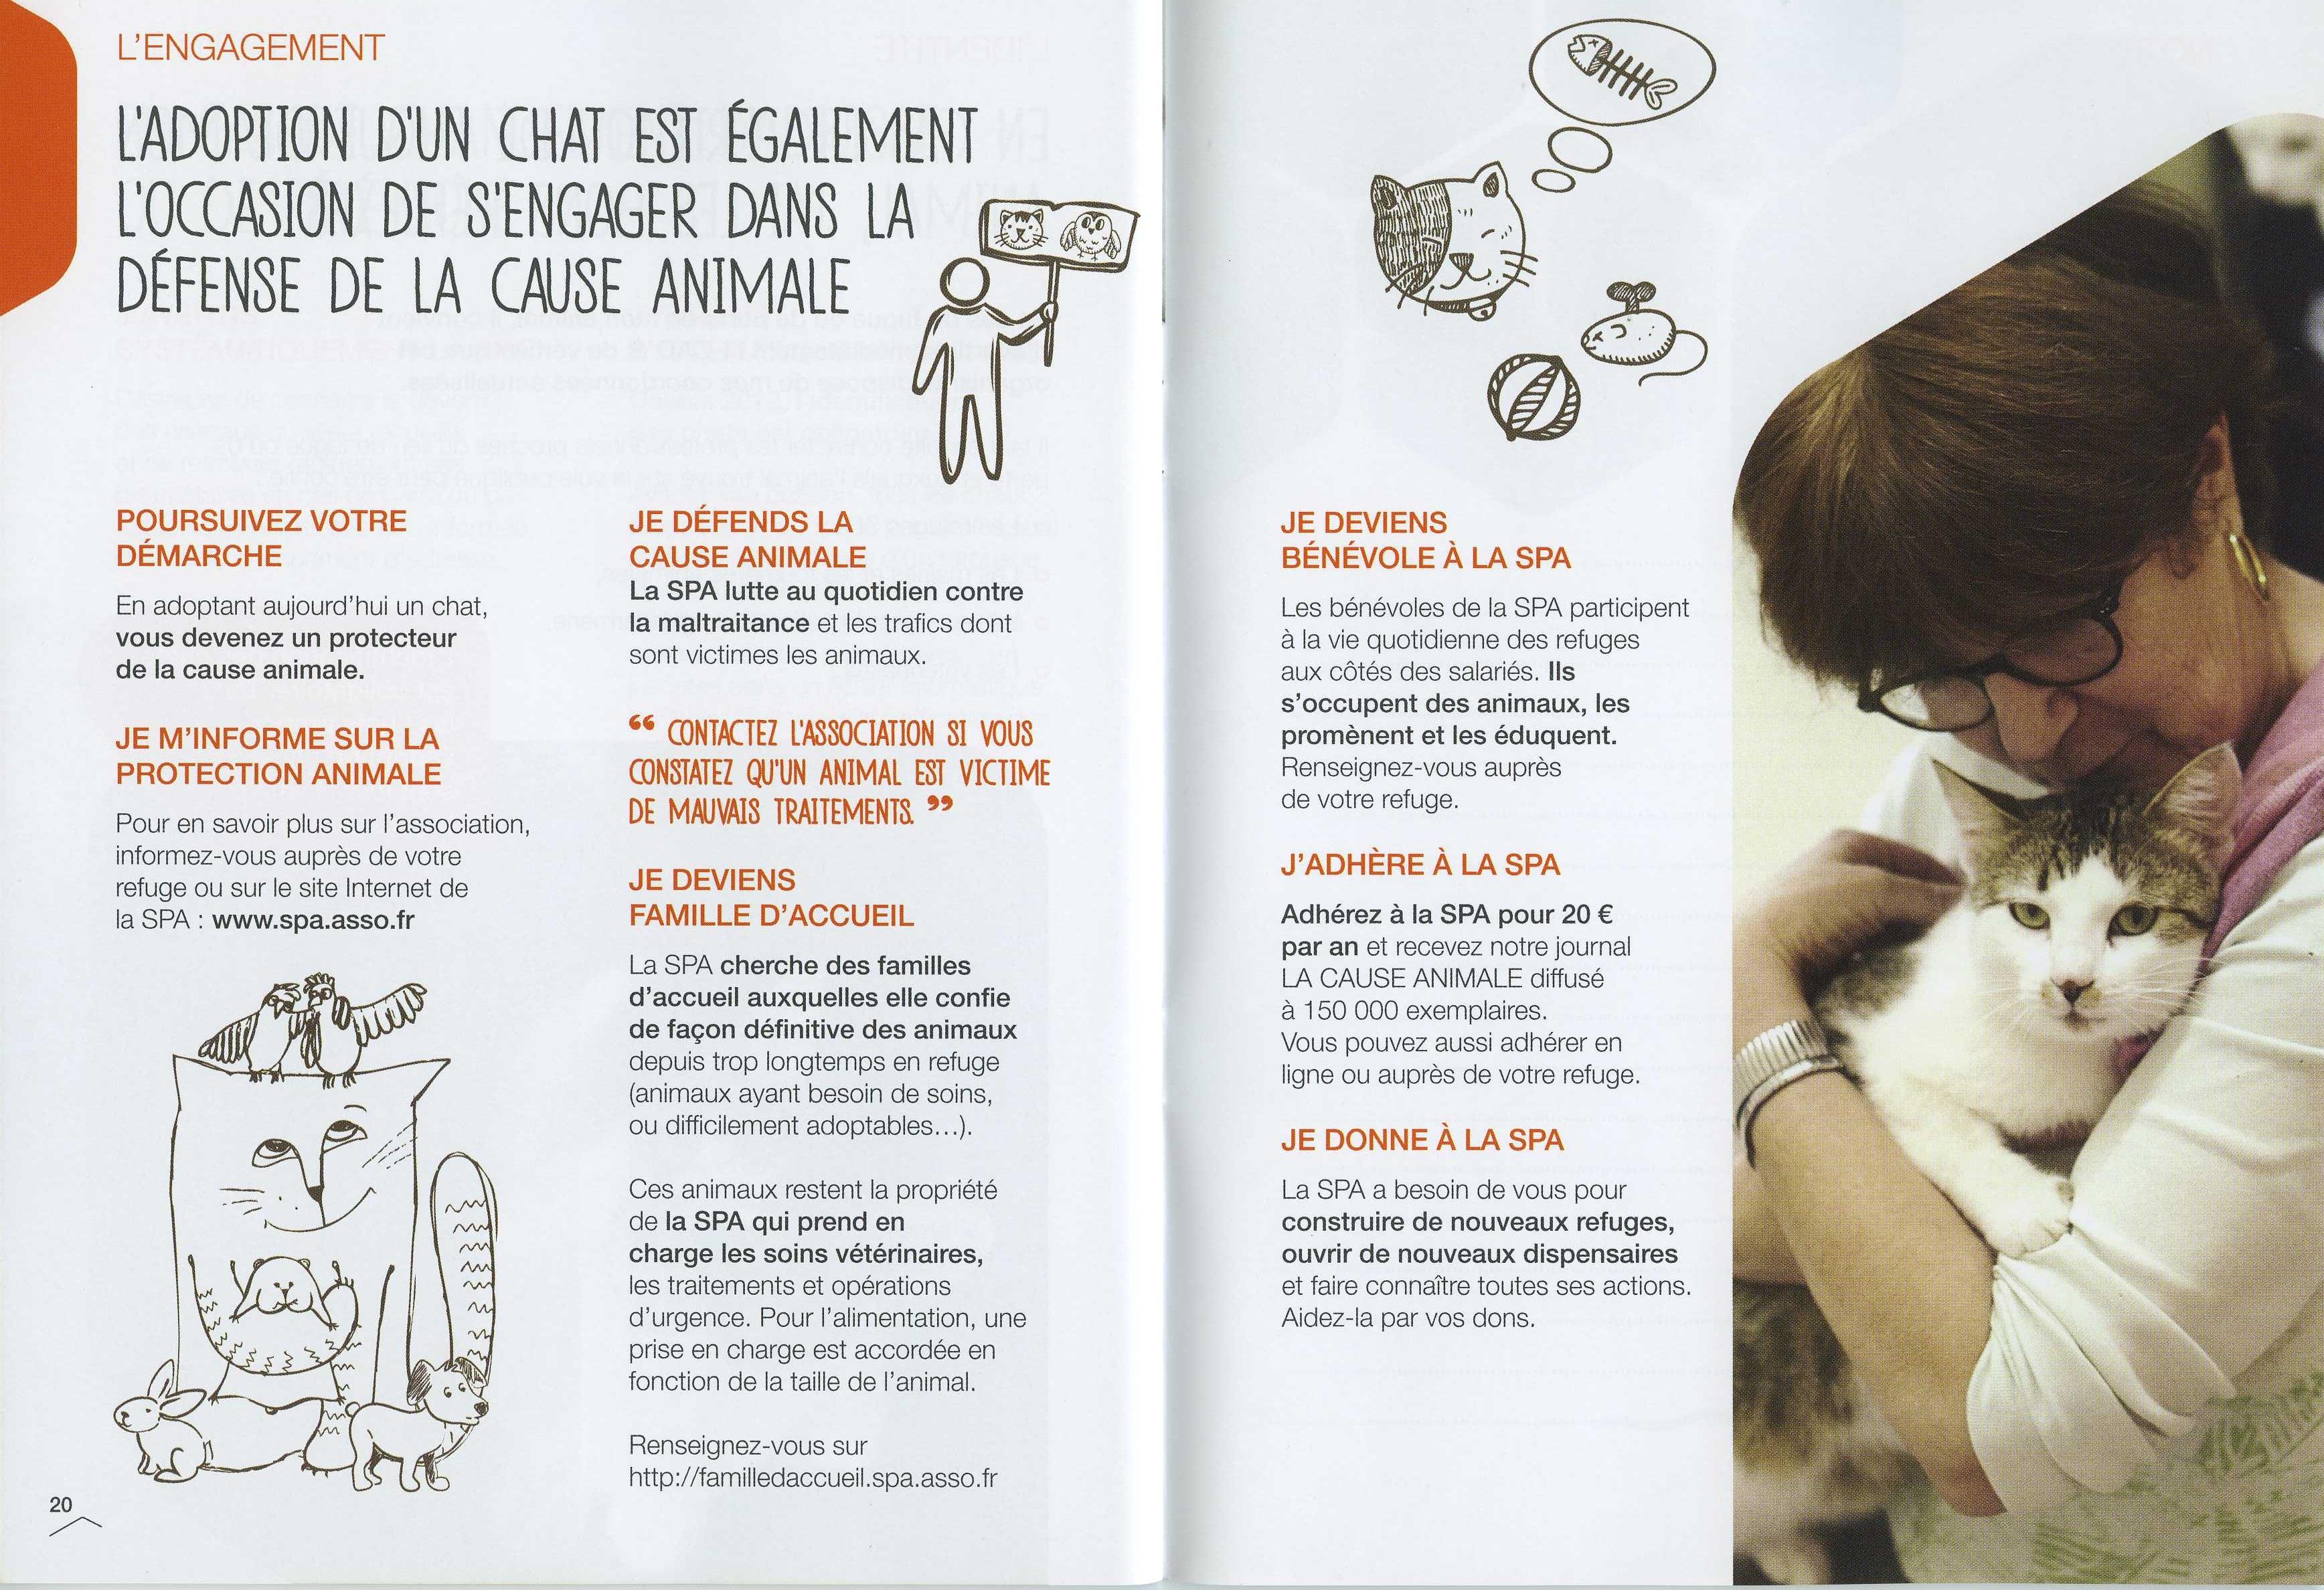 livret d'adoption de la SPA - s'engager pour la cause animale